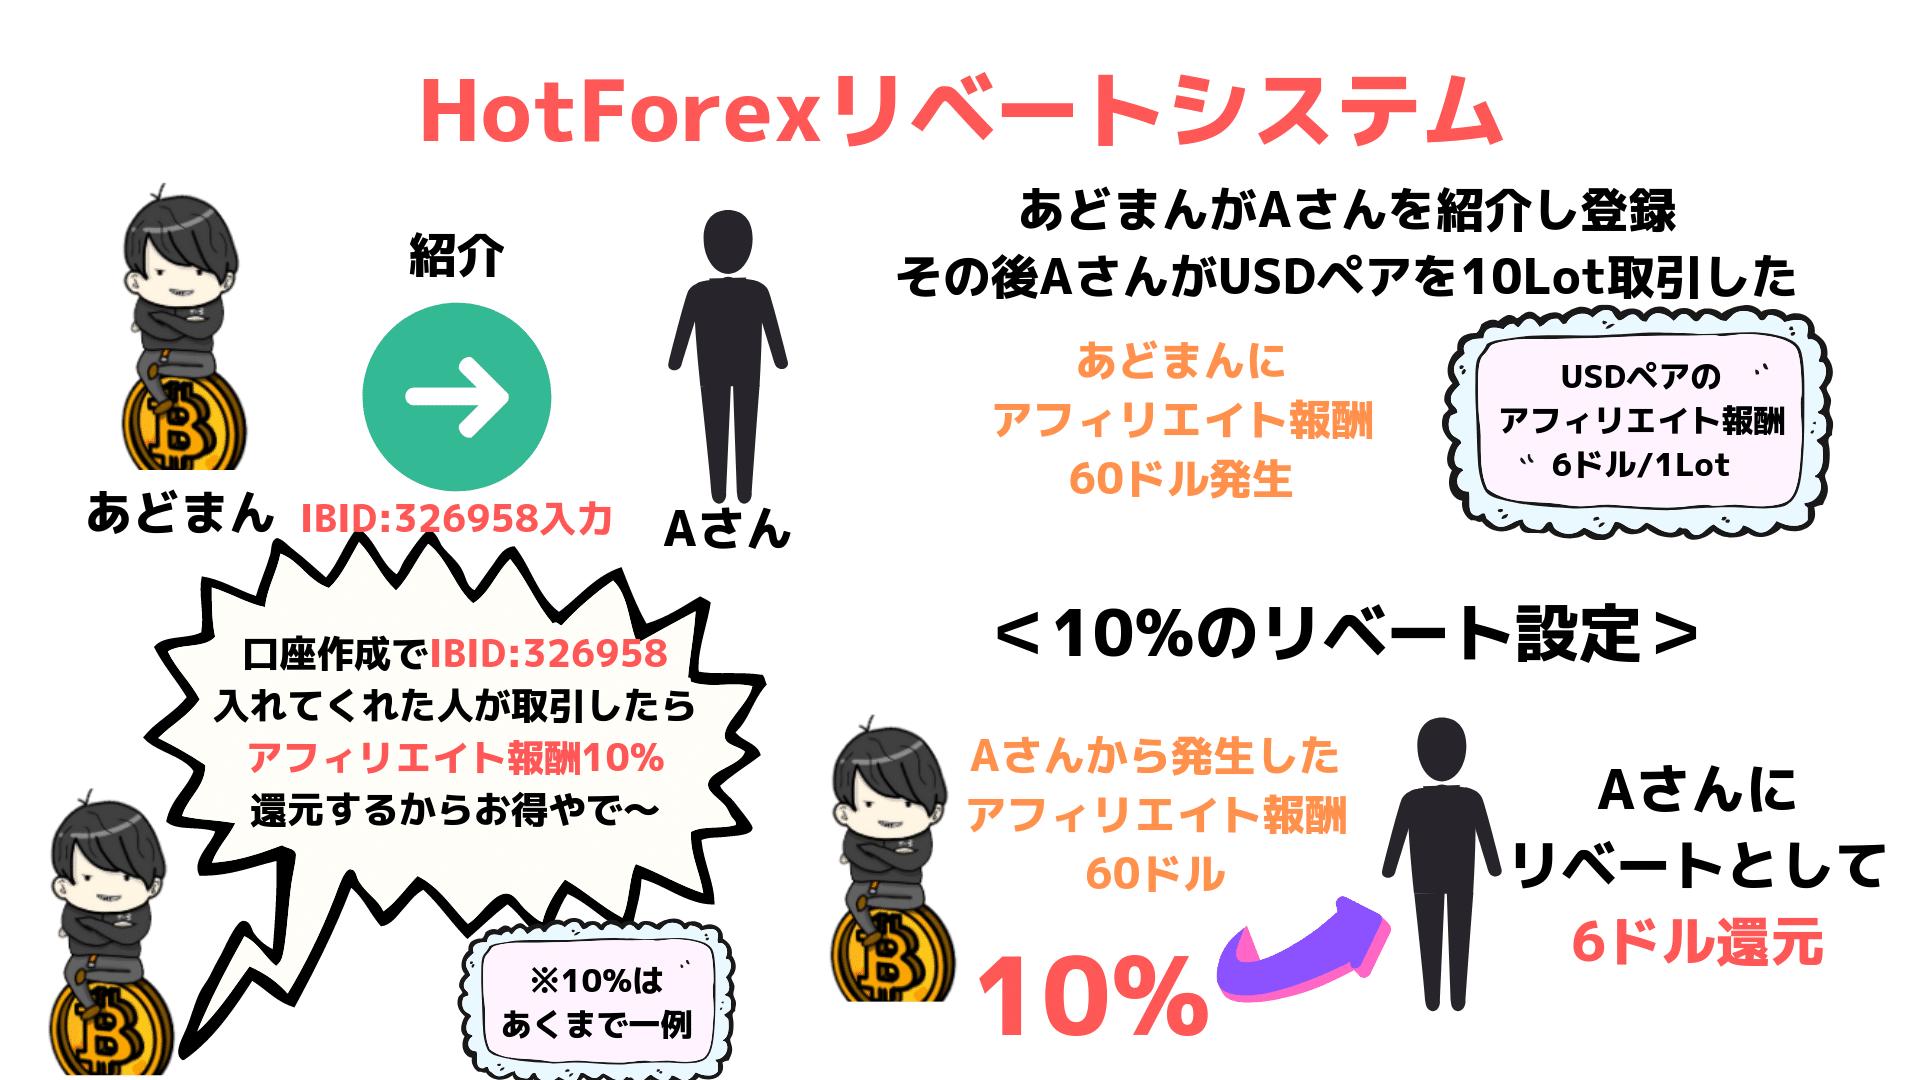 HotForex ホットフォレックス アフィリエイト IB